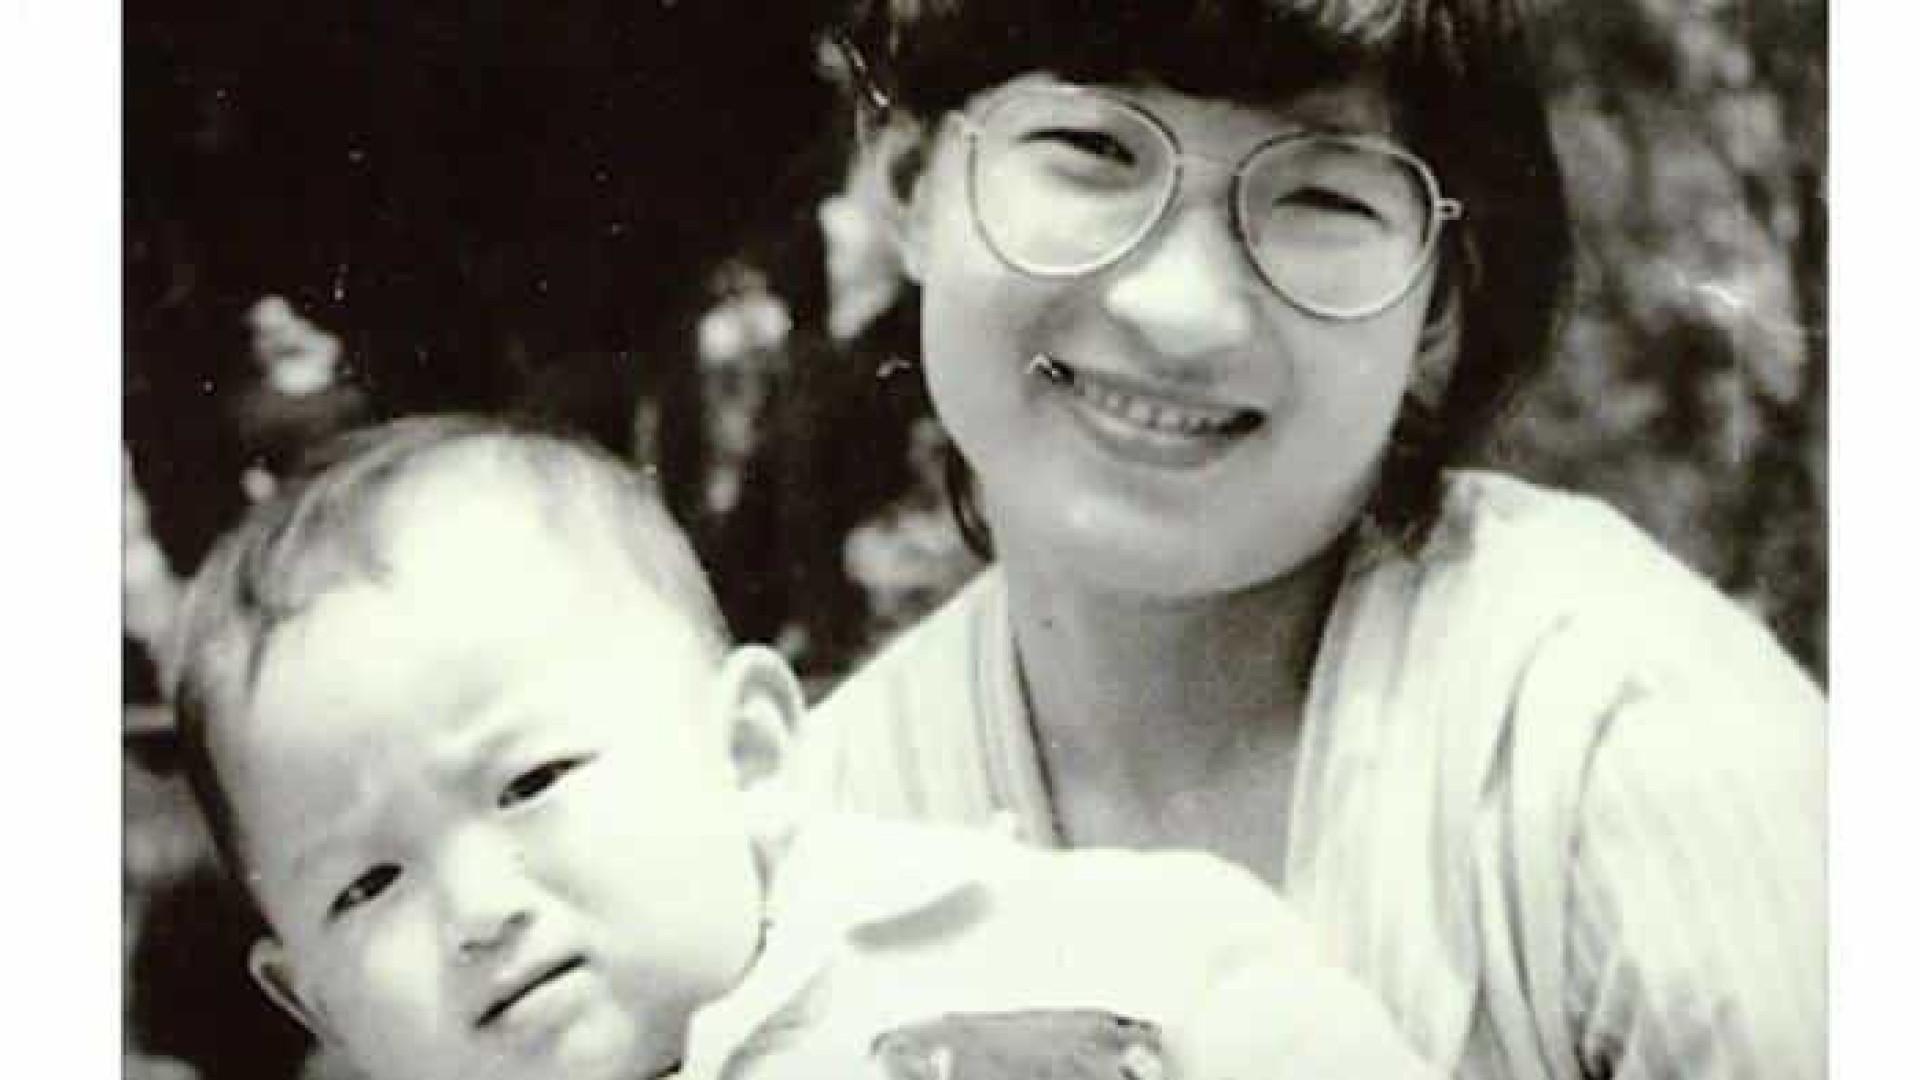 Reconhecimento facial reúne homem com família biológica 32 anos depois